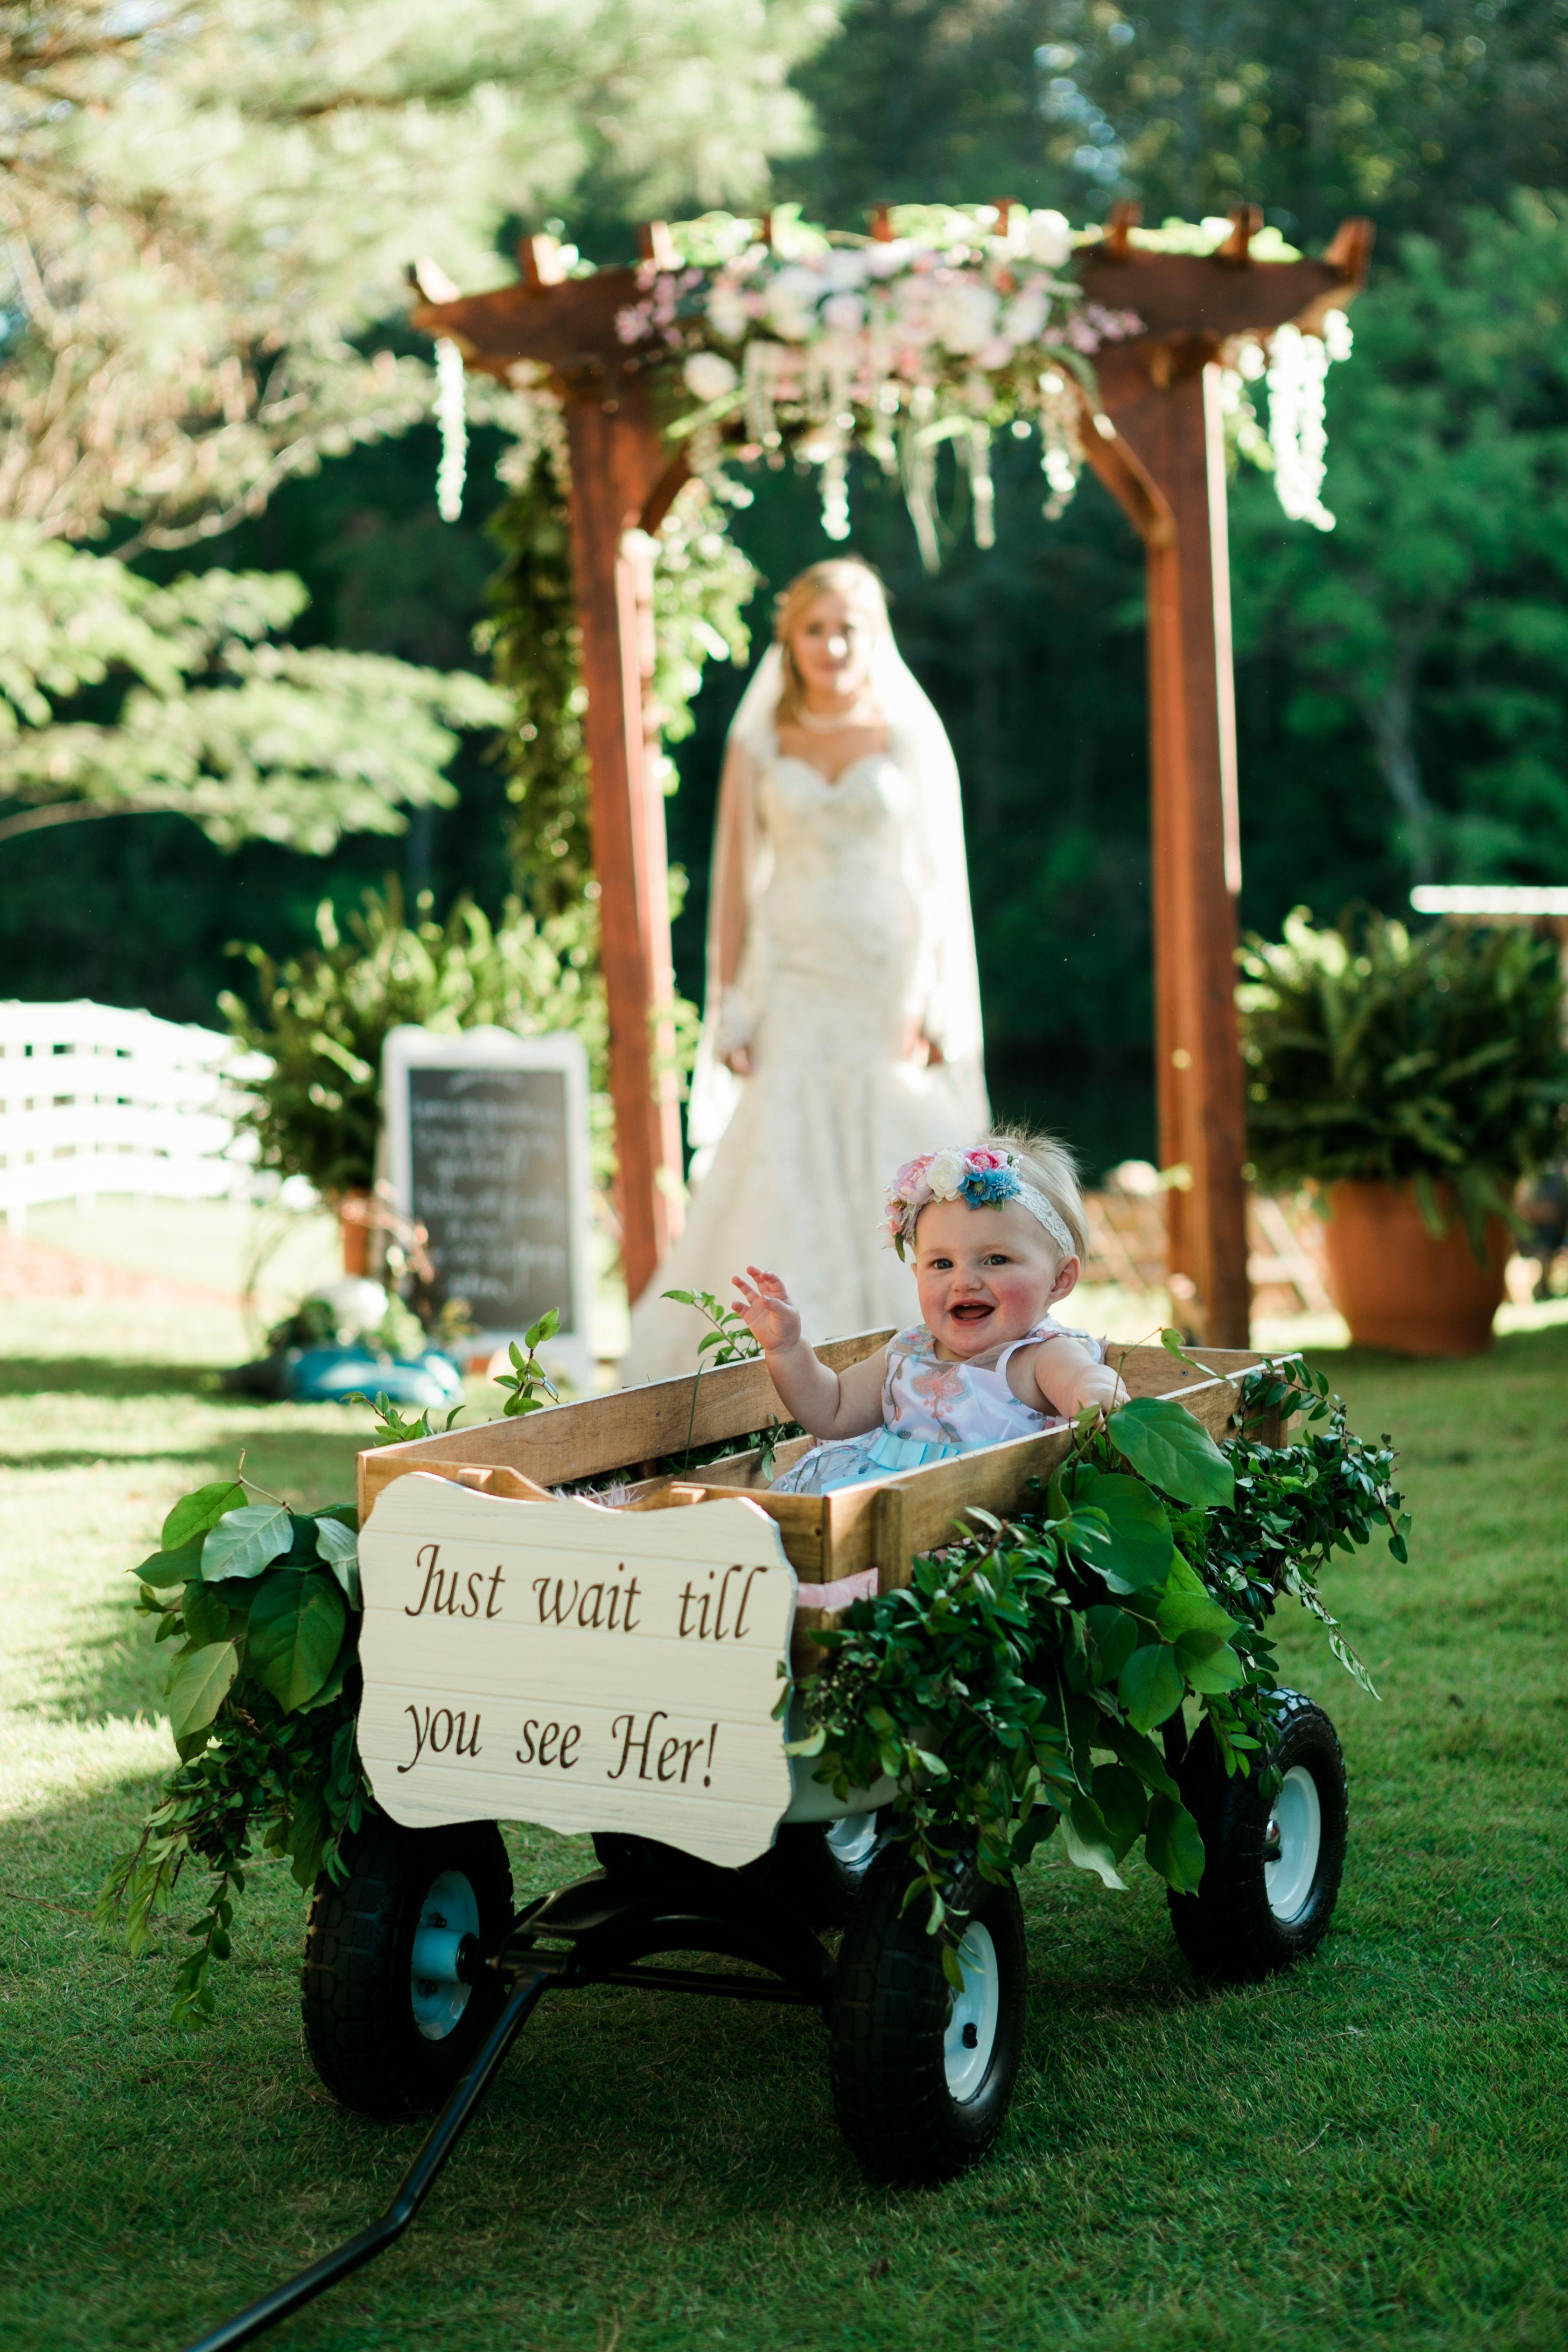 Wedding Flower Girl Wagon Flower Girl Wagon Wagon For Wedding Wedding Flower Girl